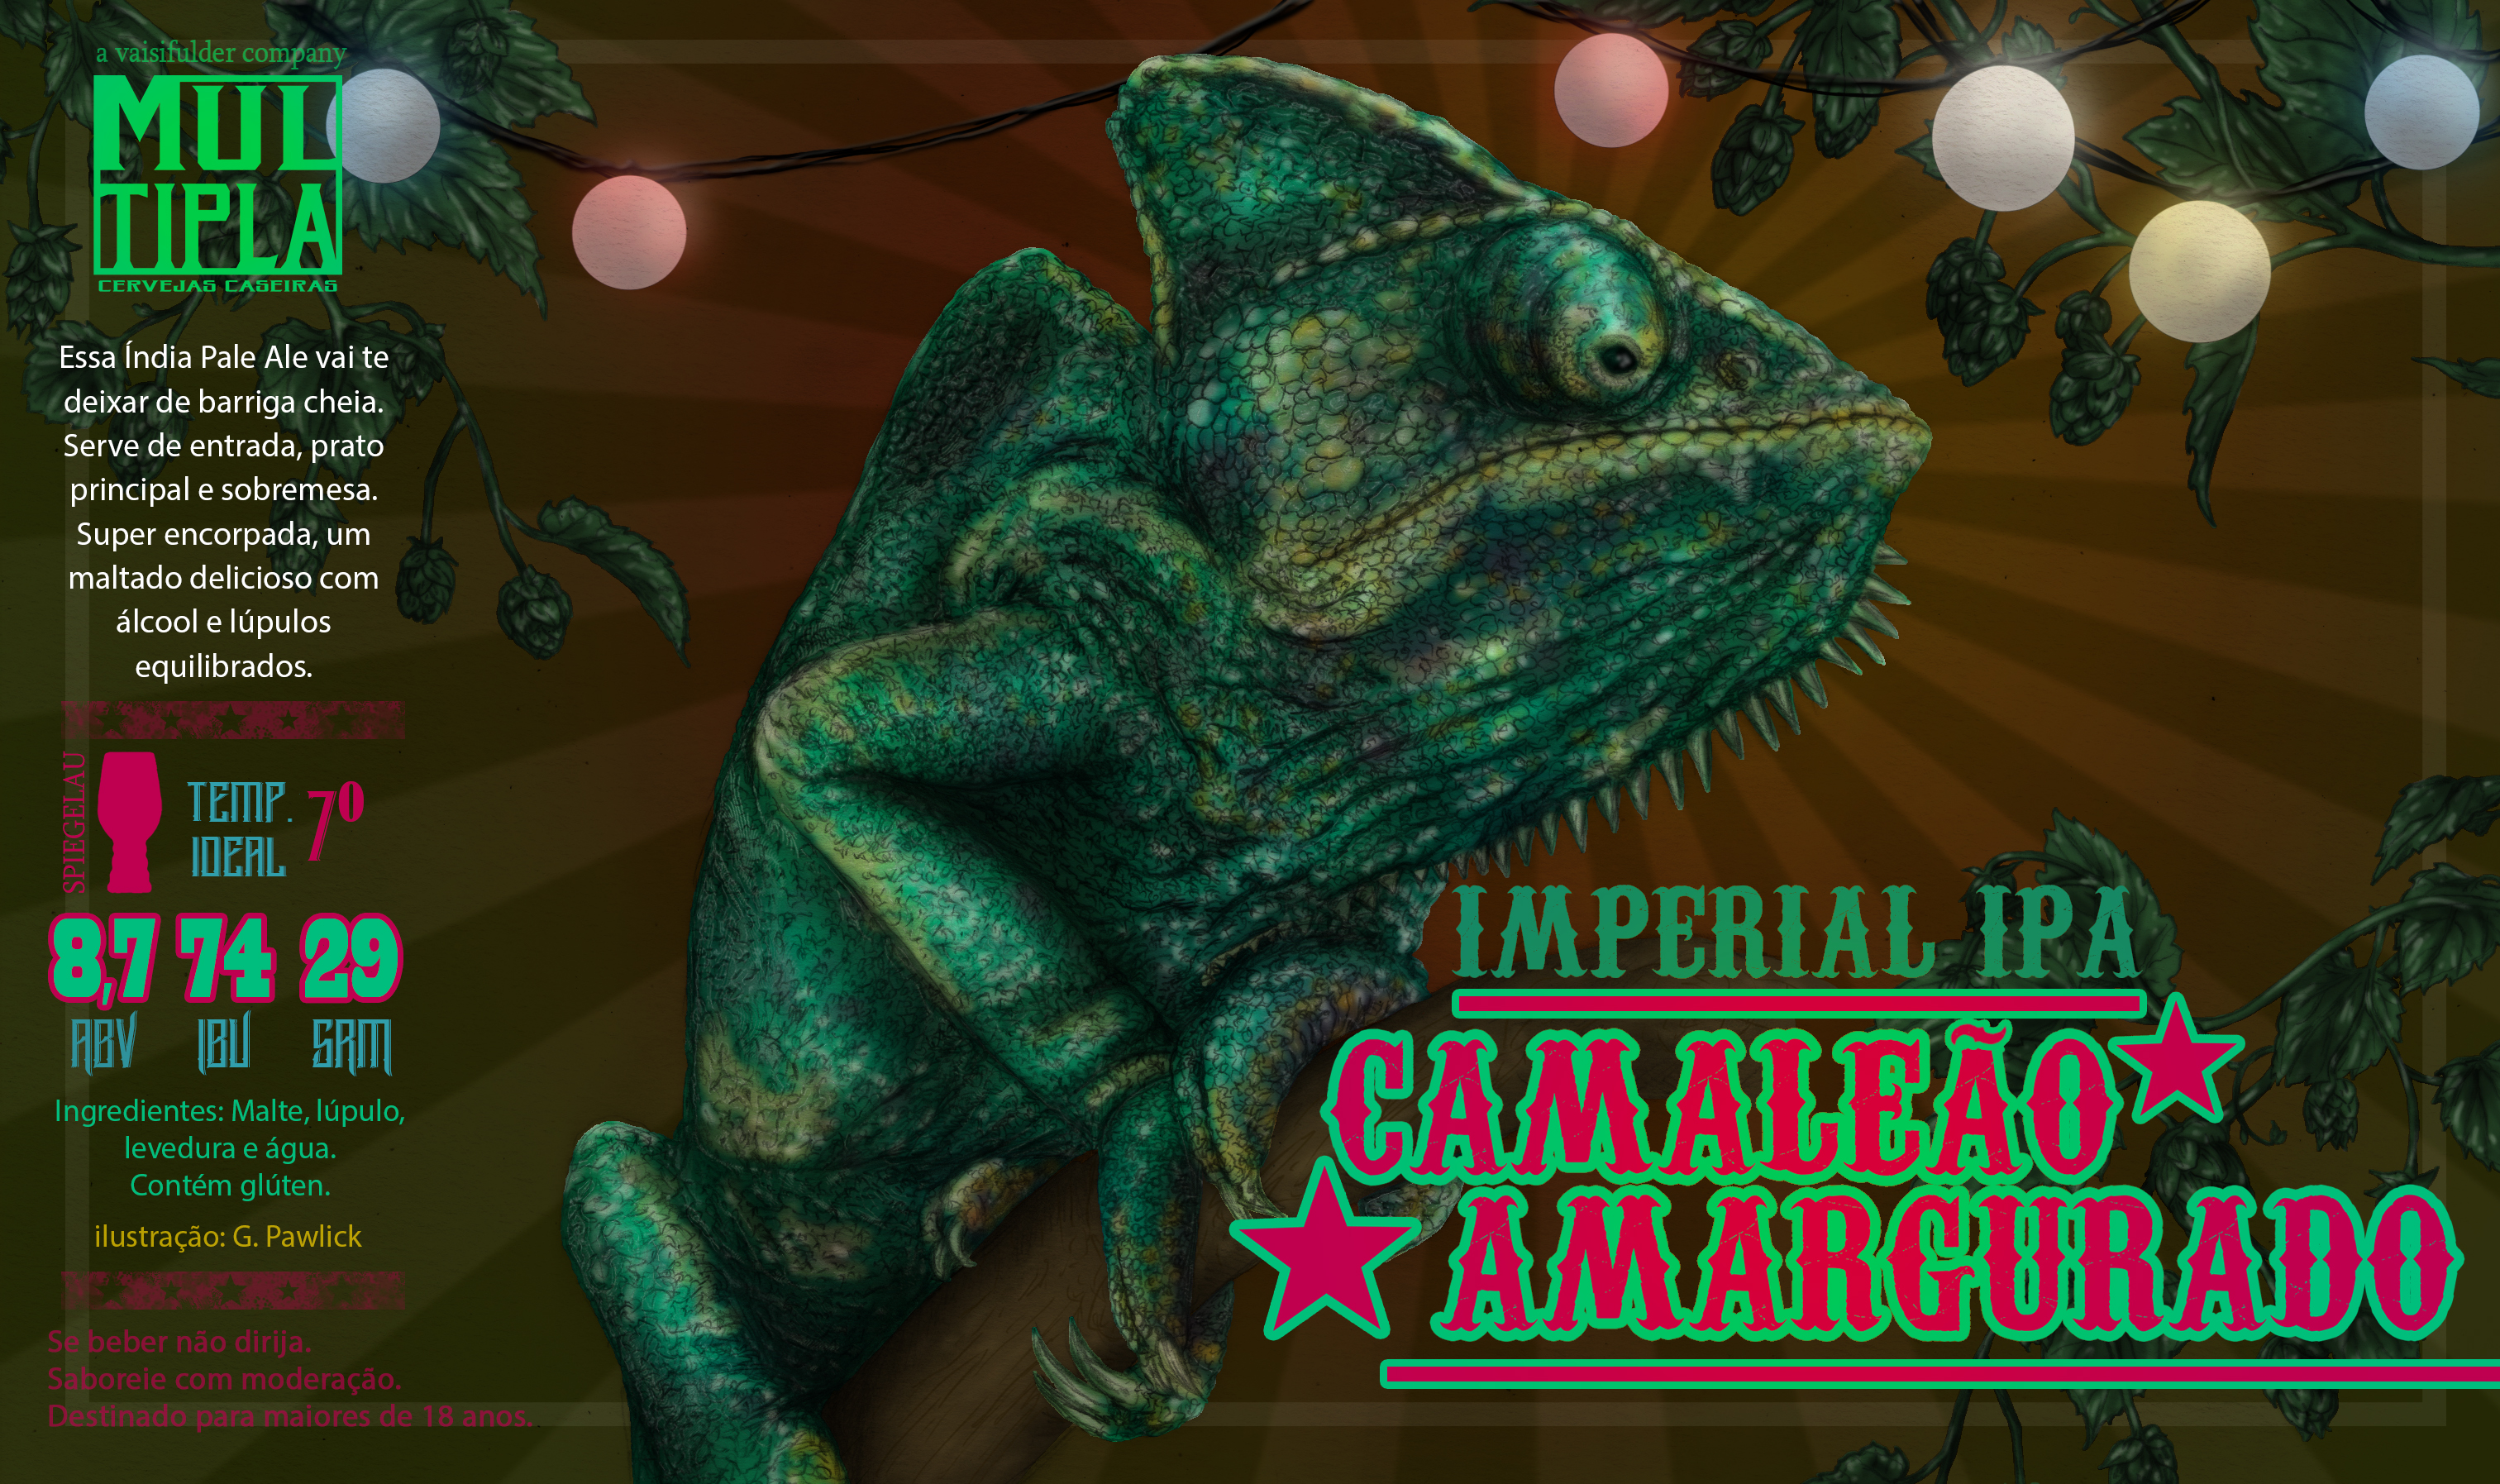 Multipla Imperial IPA